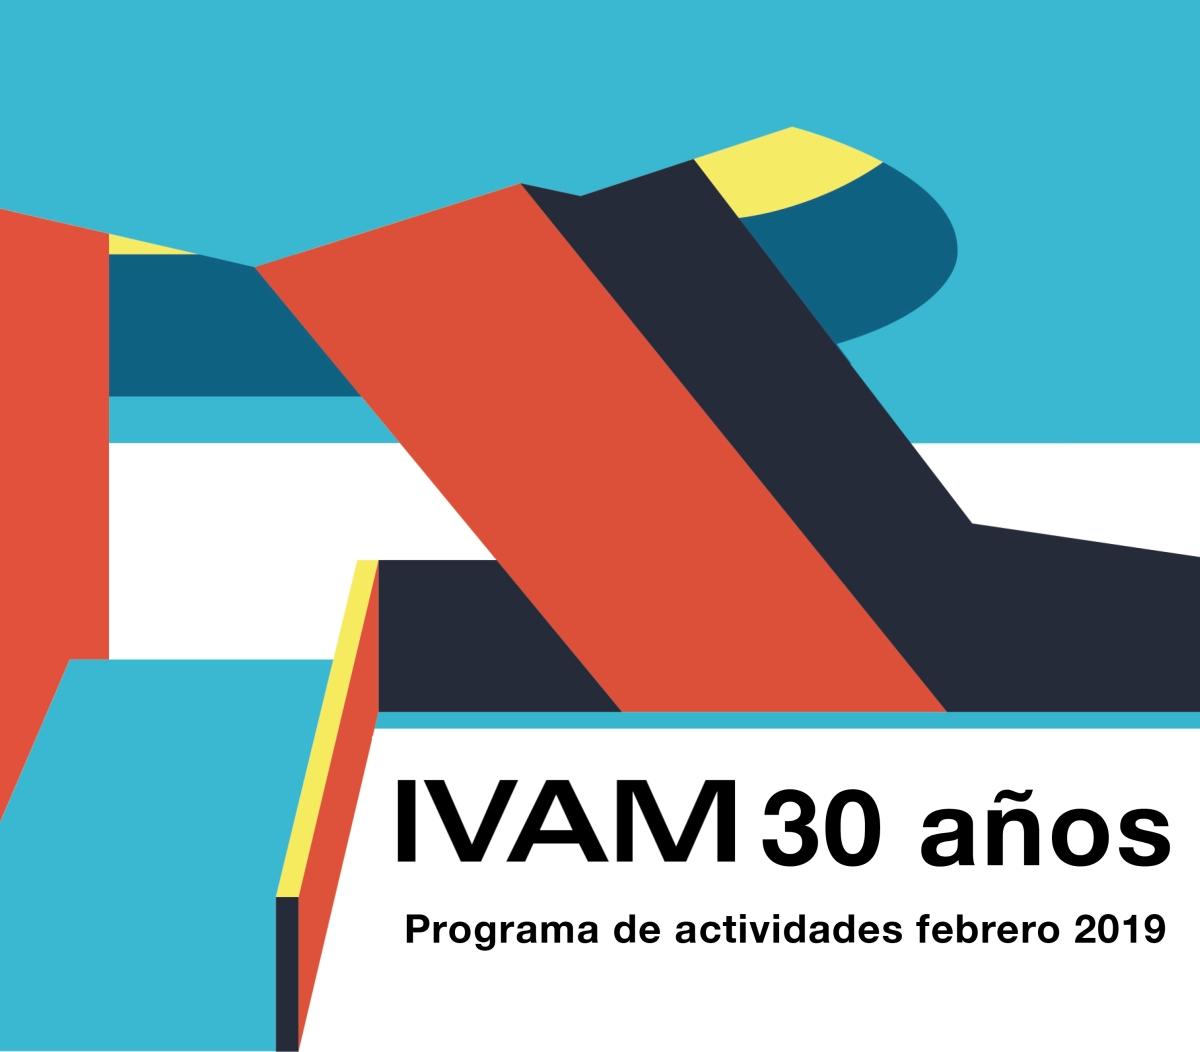 IVAM 30